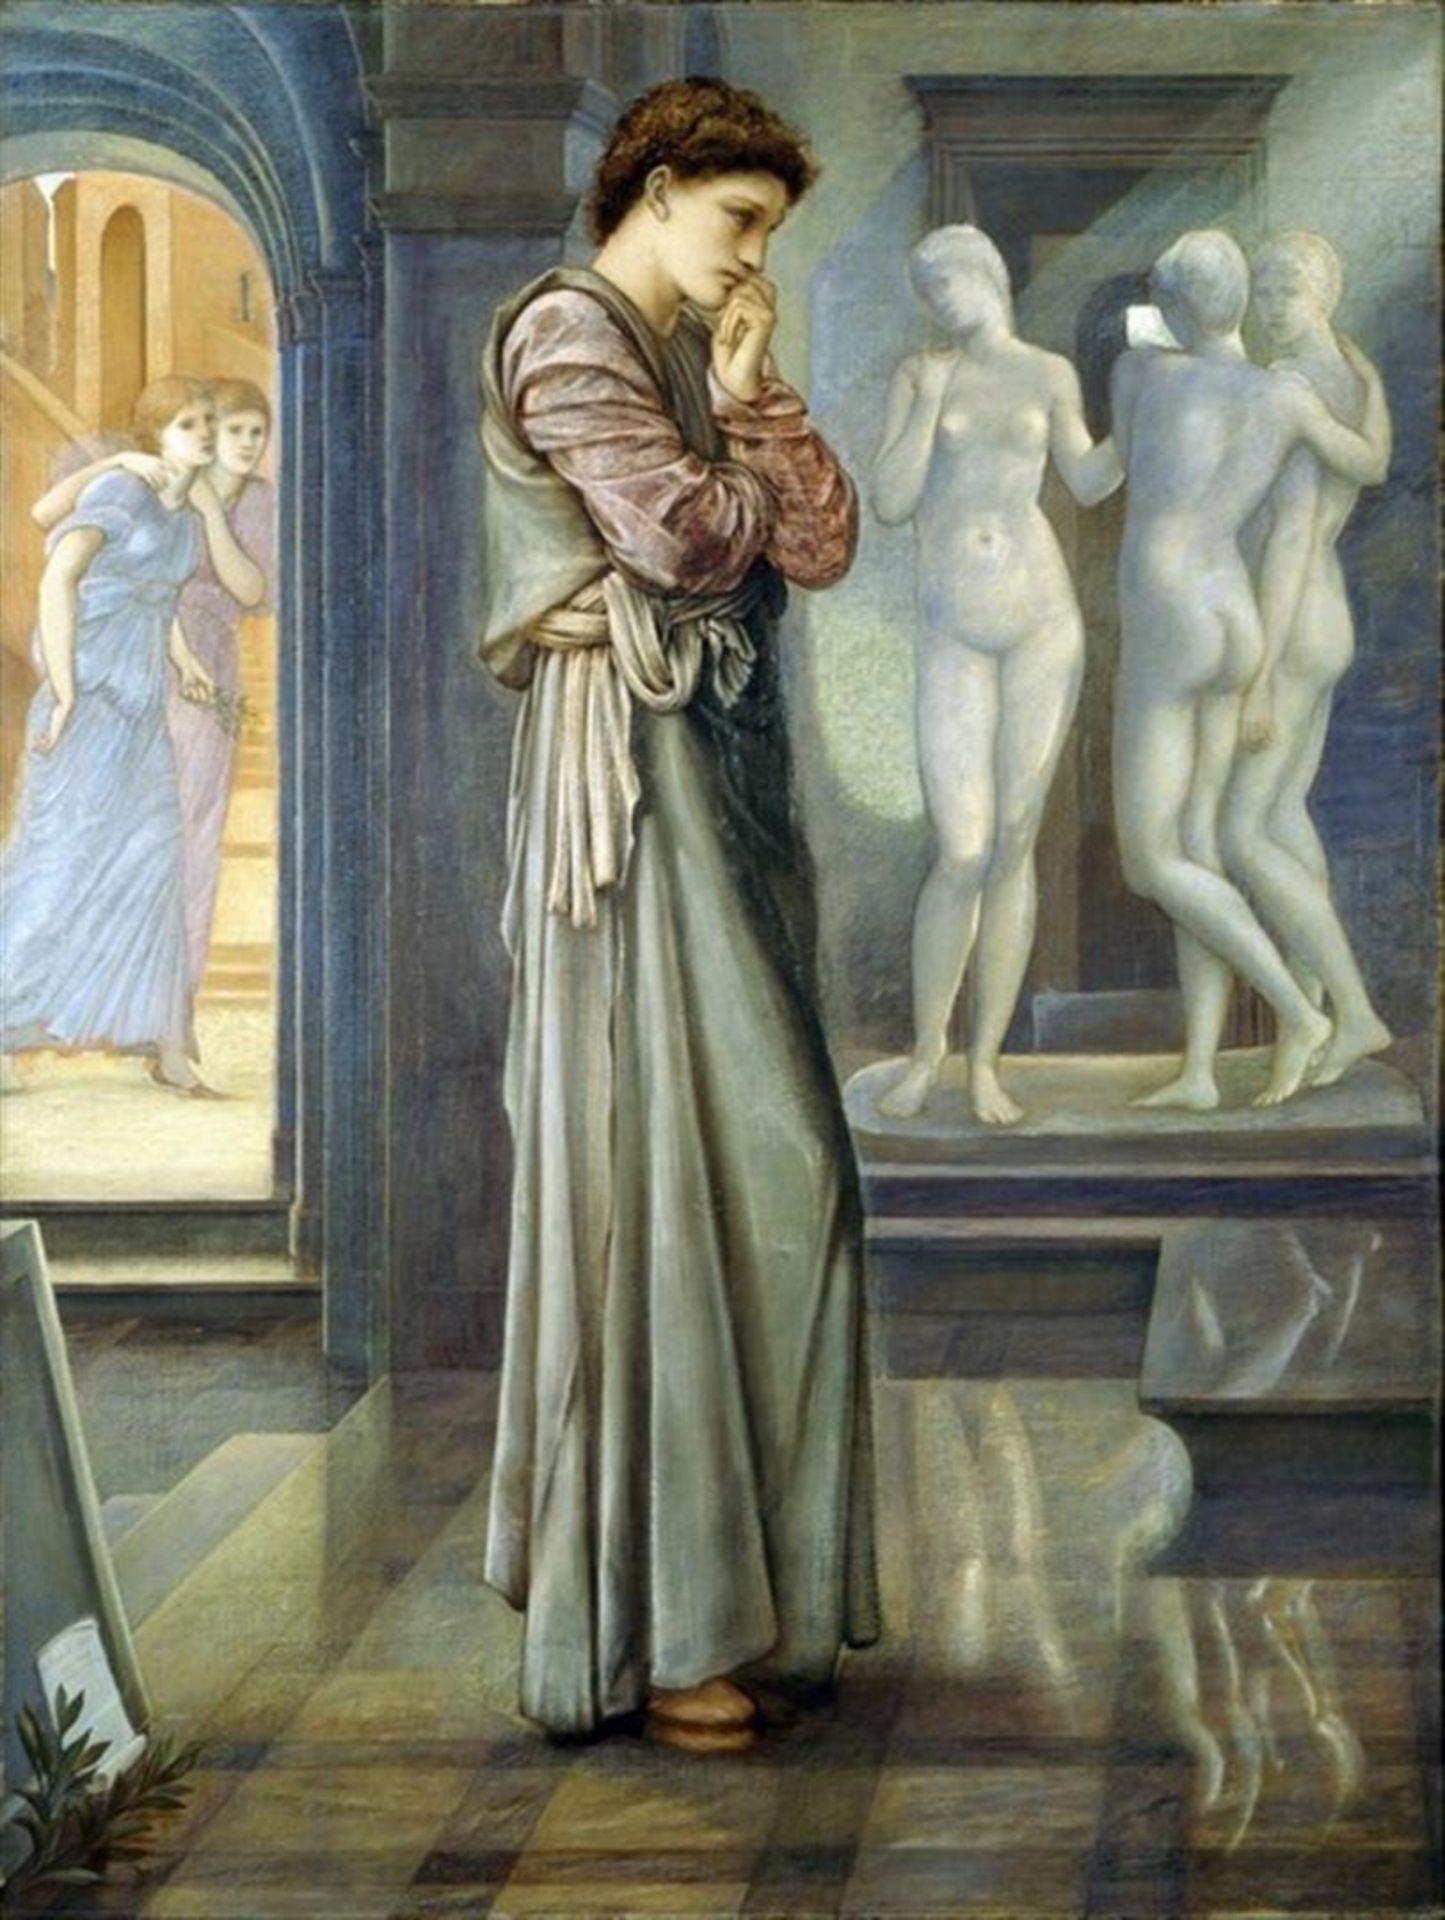 Edward Burne-Jones - Pygmalion and the Image III